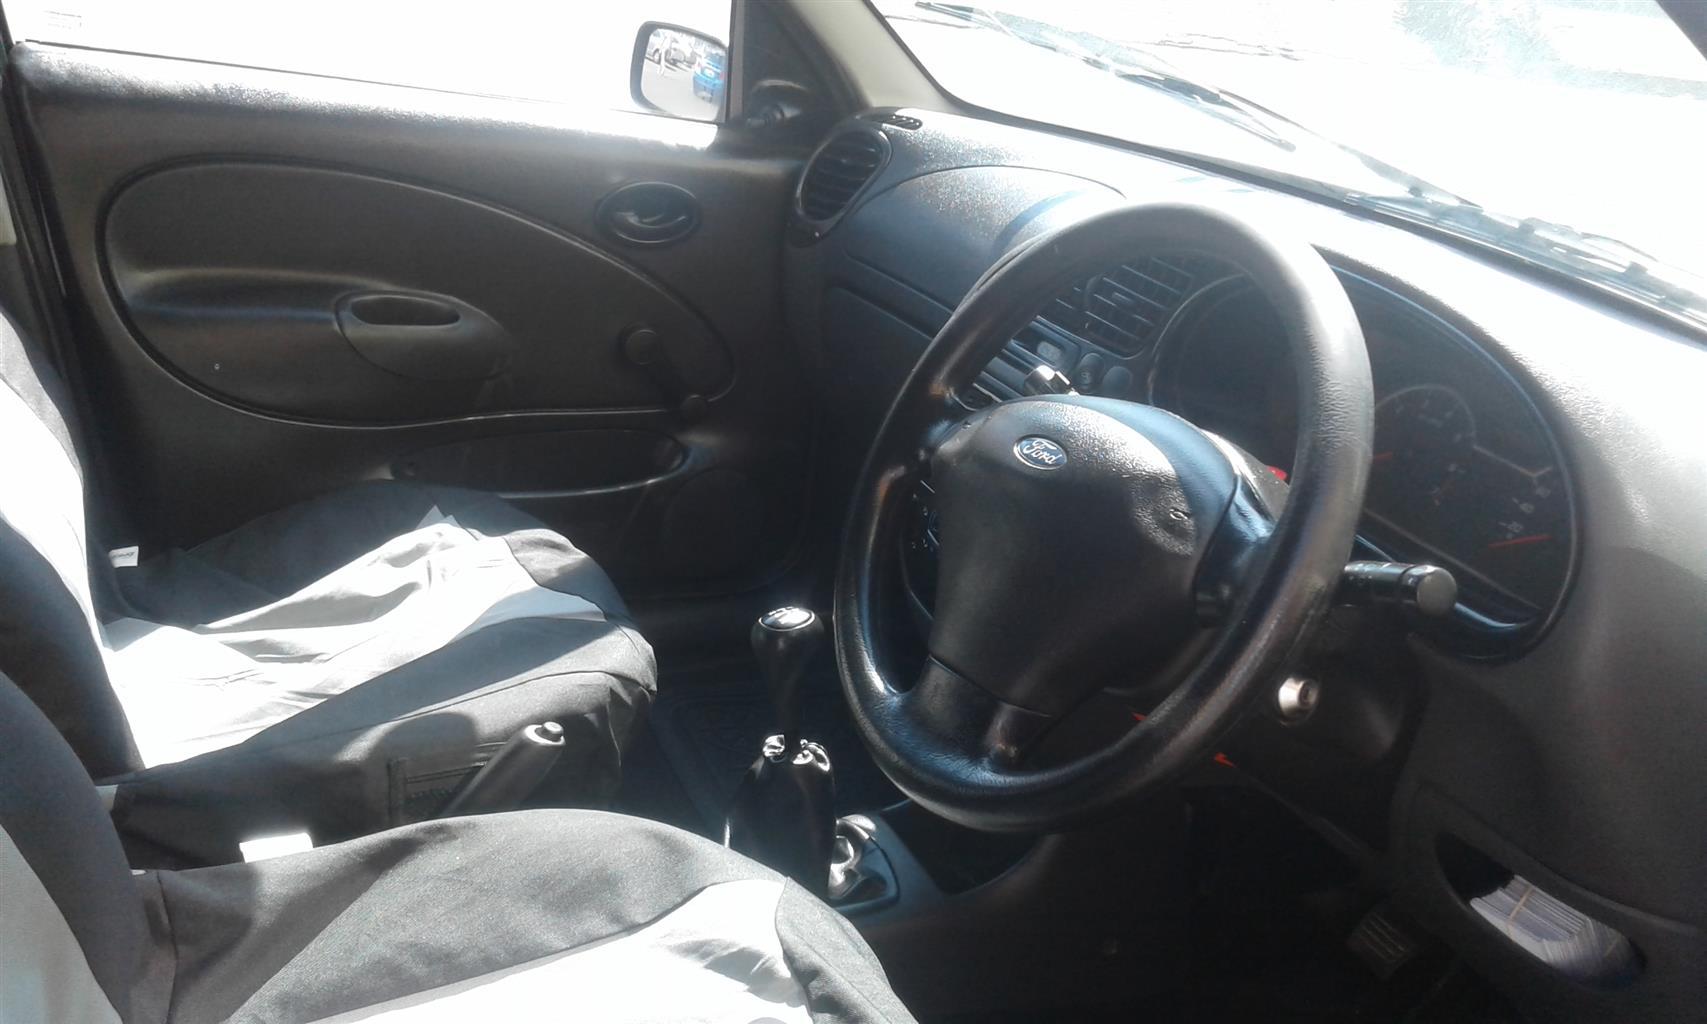 2010 Ford Bantam 1.6i (aircon)